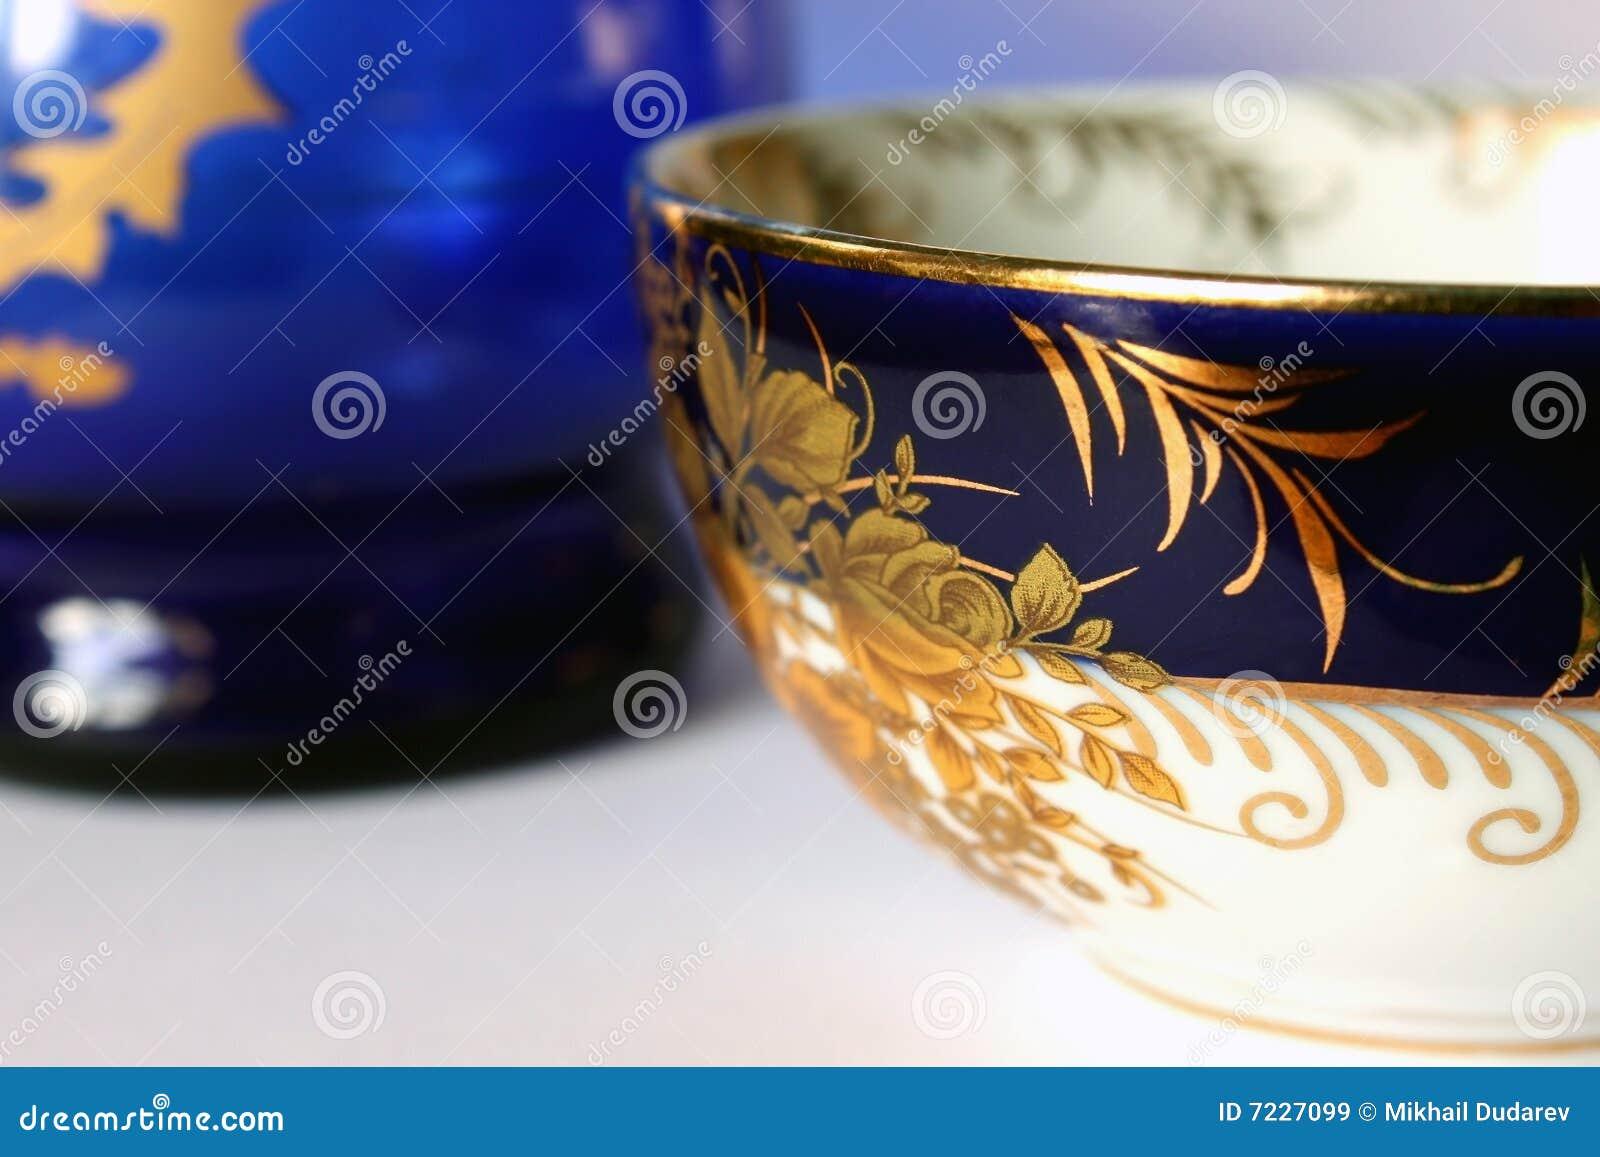 蓝色杯子画金子灰色的背景仿造了二白色.图片